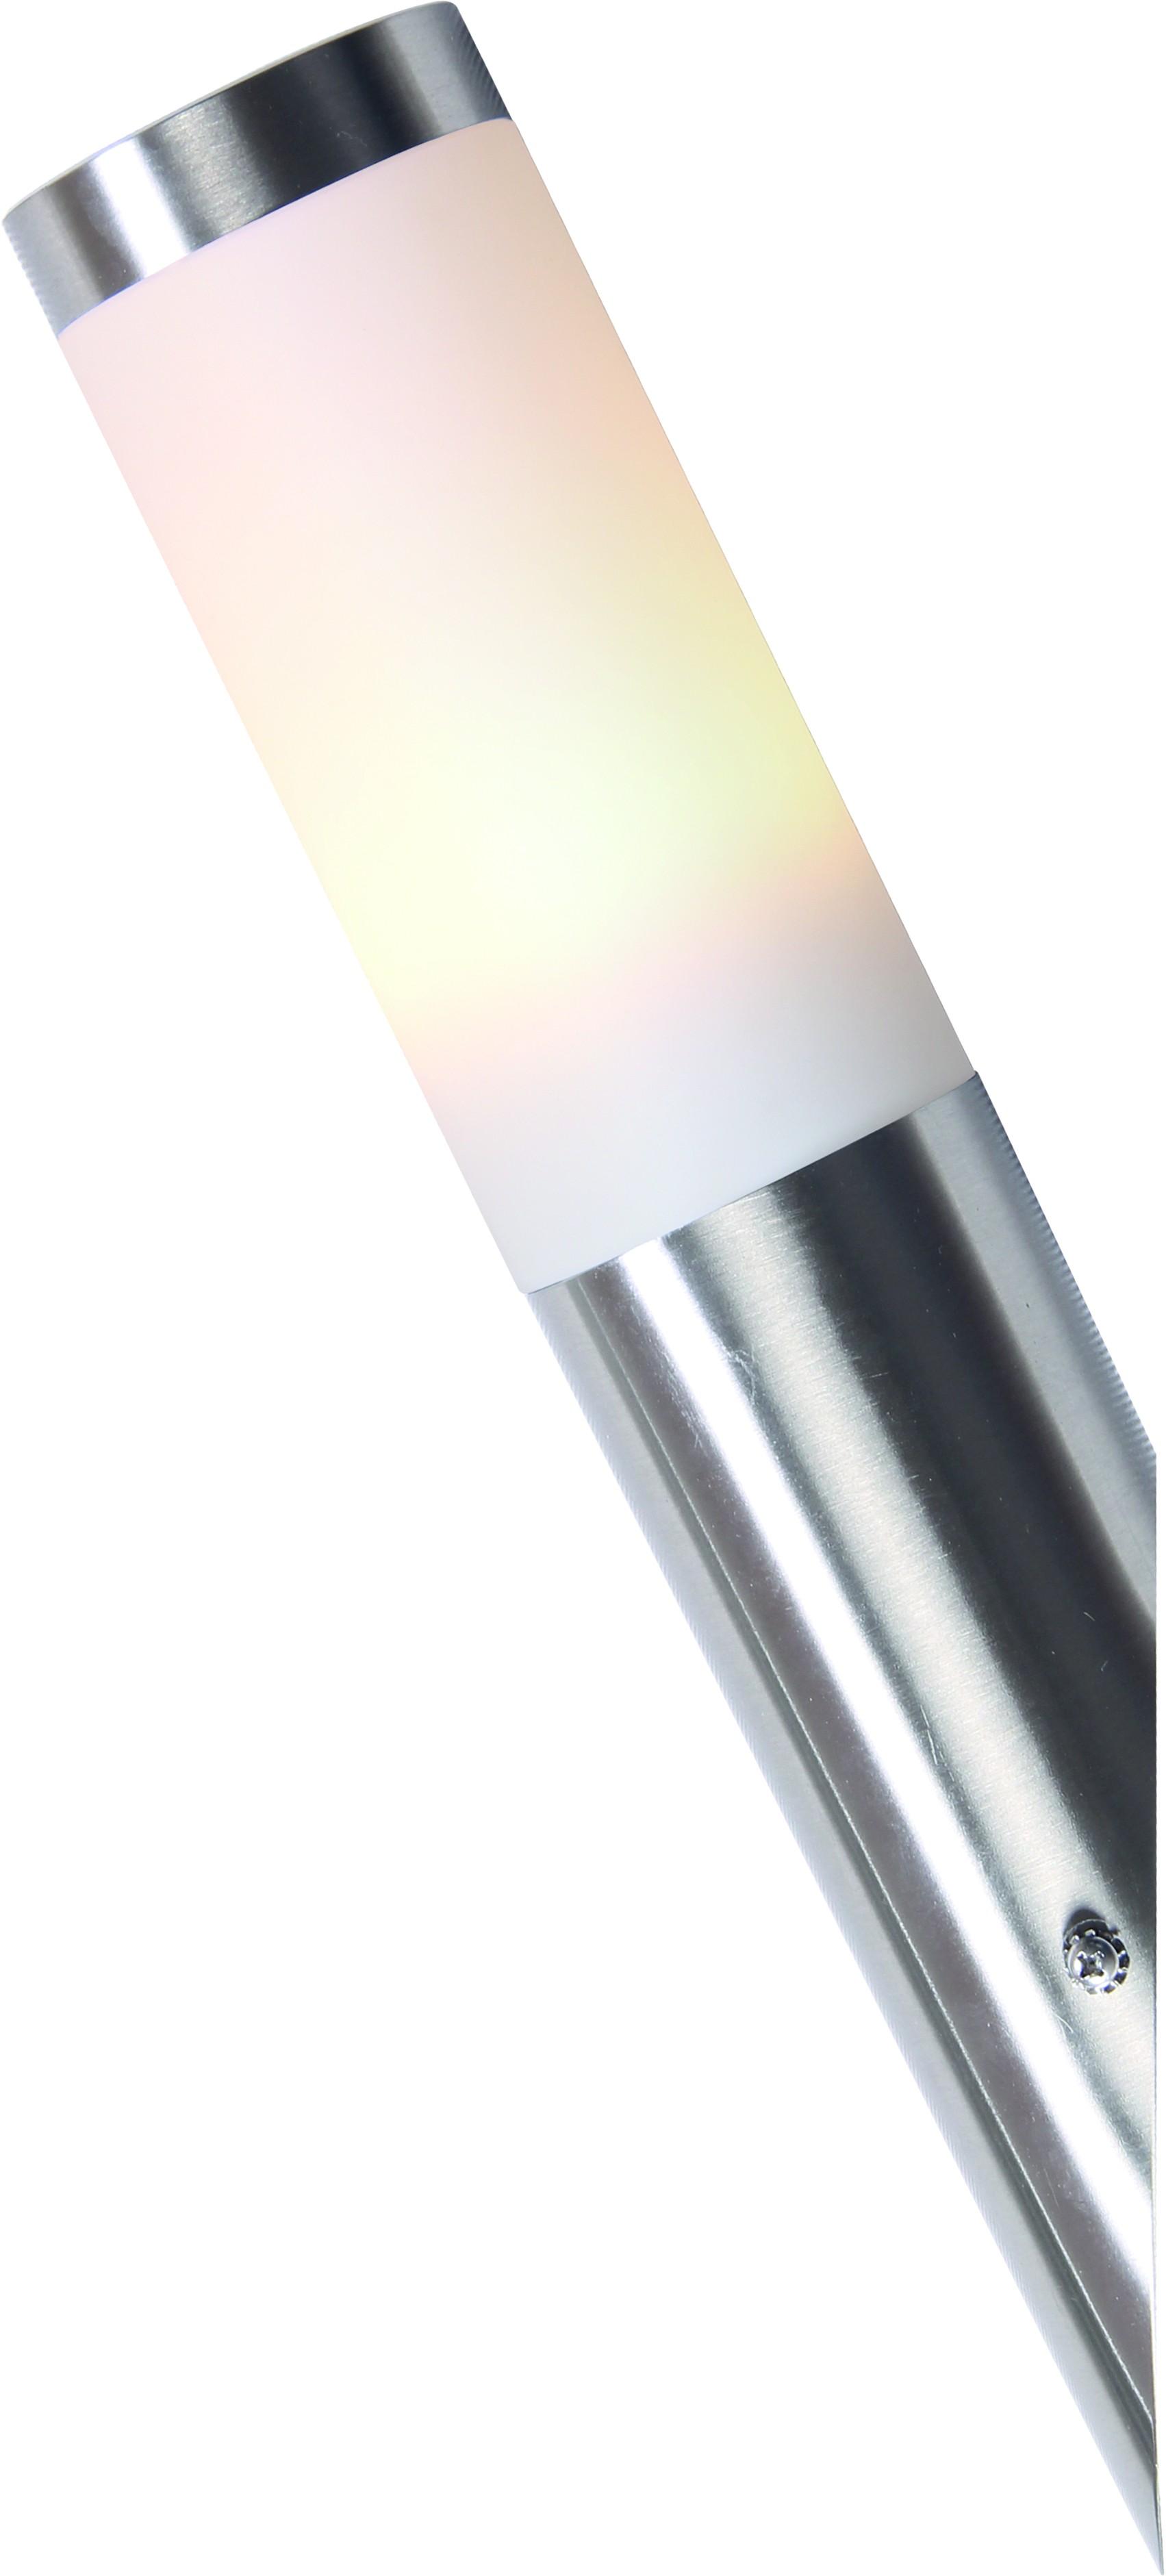 Светильник уличный Arte lamp A3157al-1ss торшер 43 a2054pn 1ss arte lamp 1176958